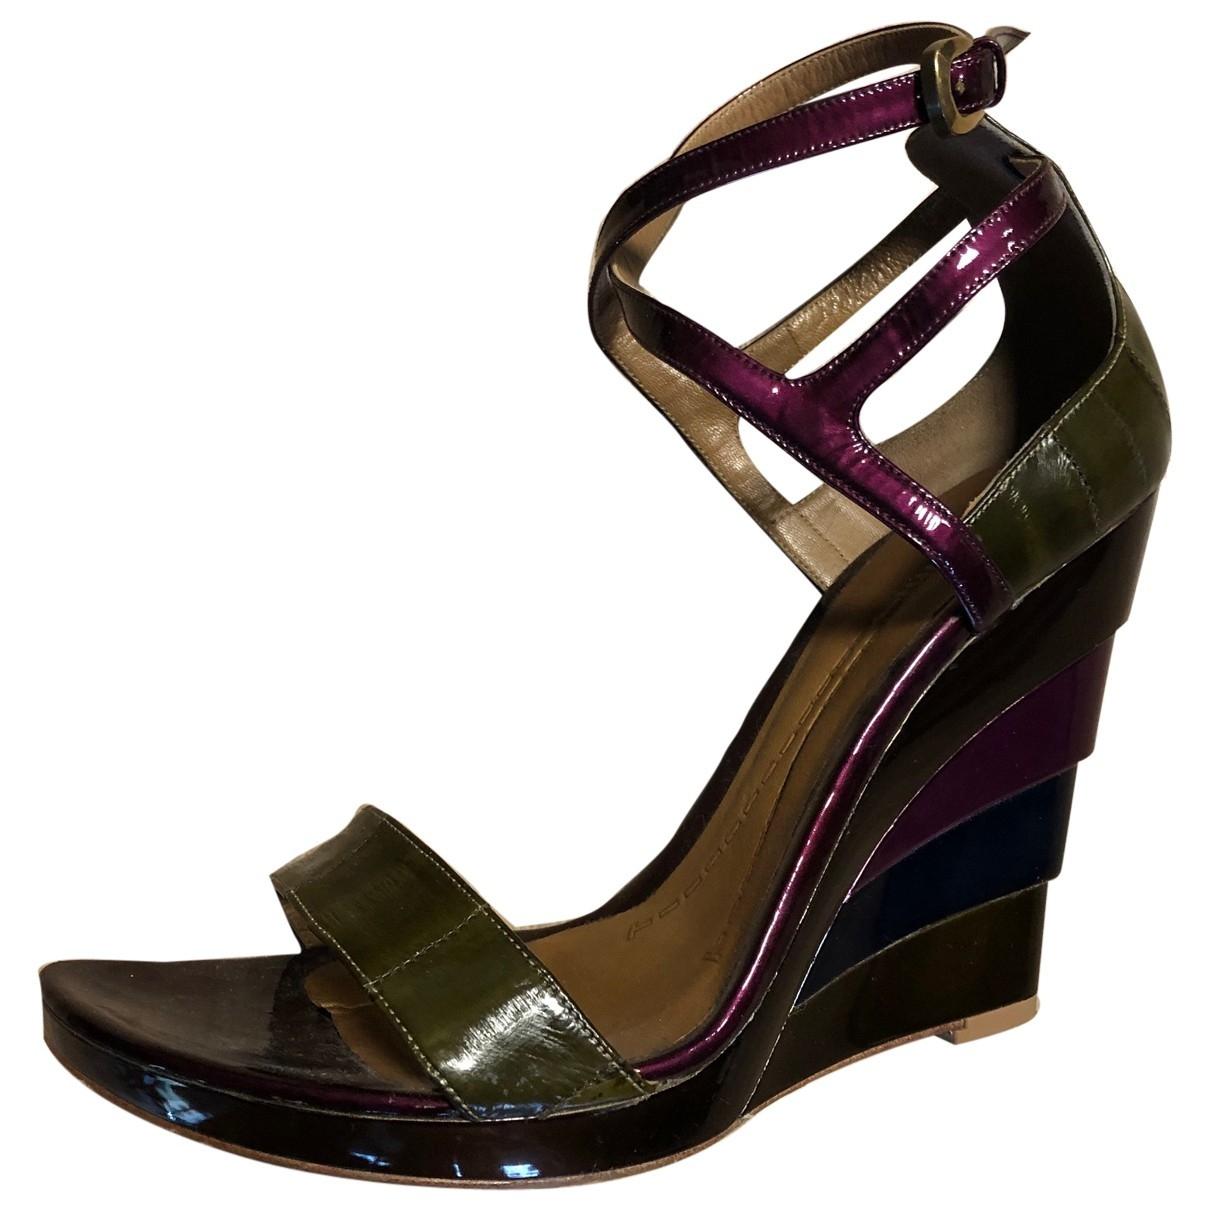 Baldinini - Sandales   pour femme en cuir verni - multicolore